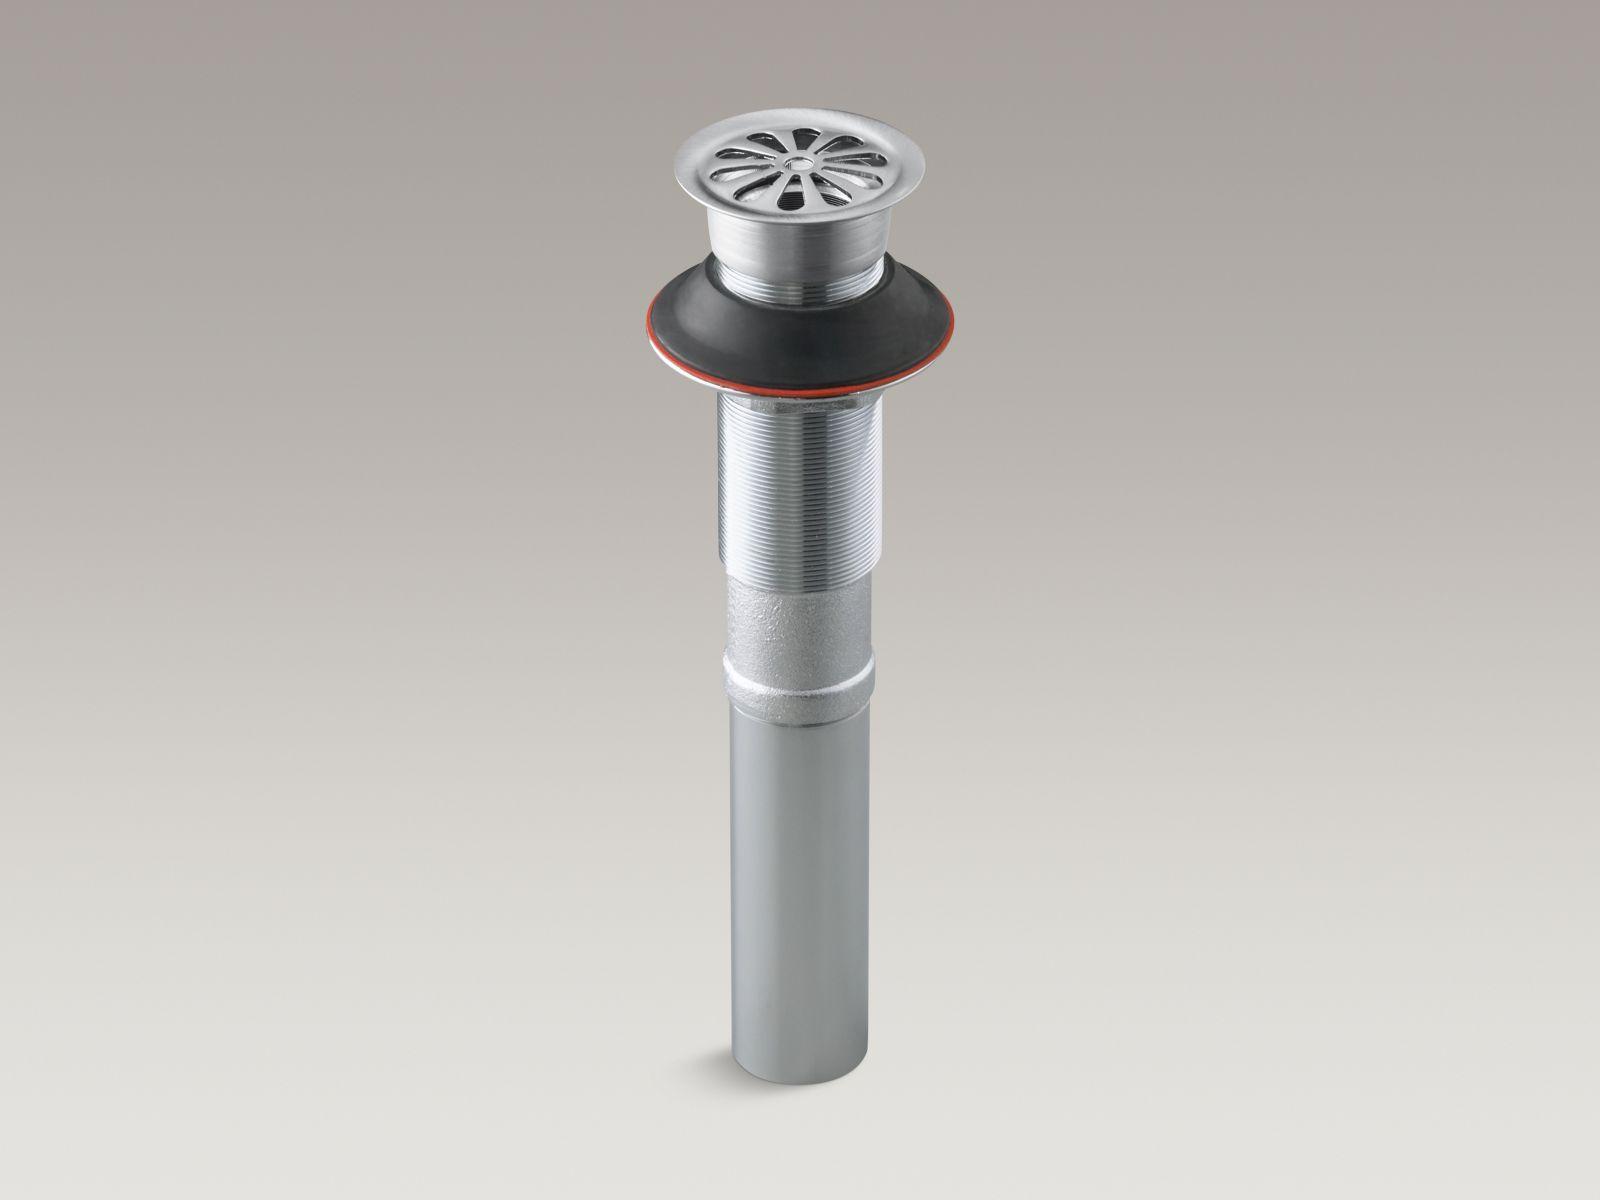 Kohler K-7129-G Bathroom Sink Grid Drain without Overflow Brushed Chrome